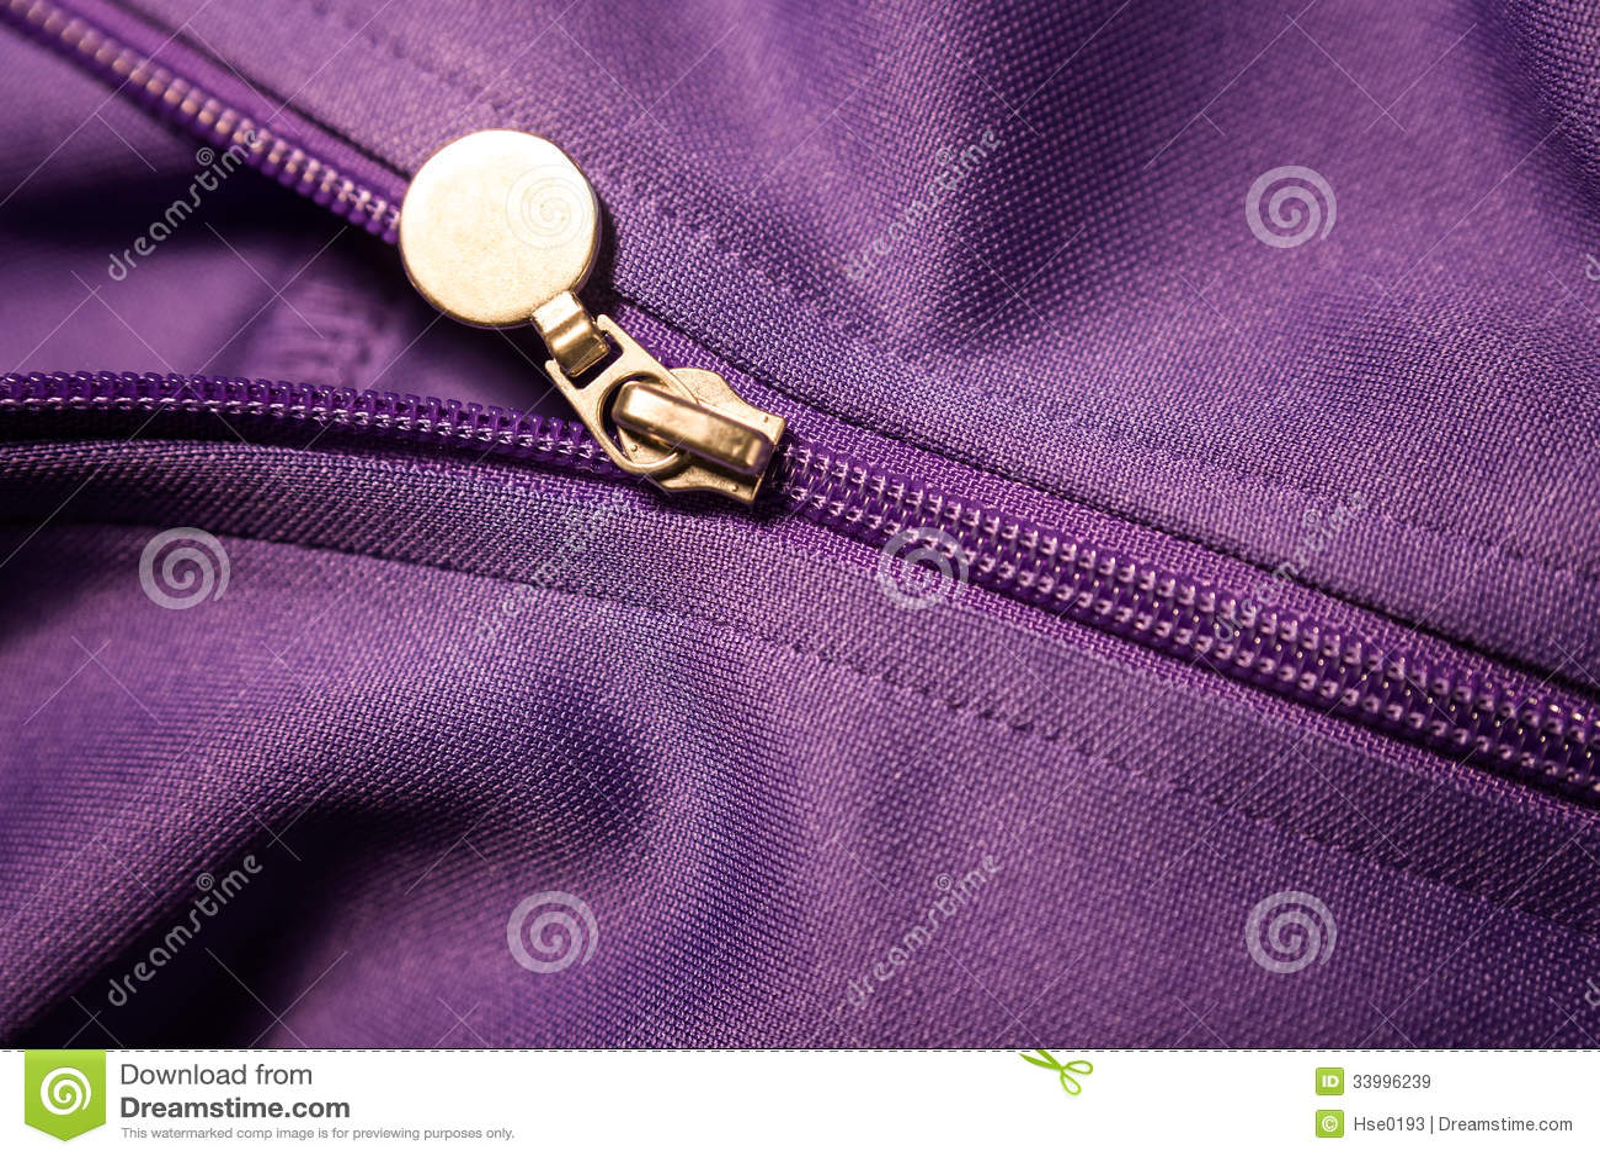 Chiusura lampo del cappotto di sport